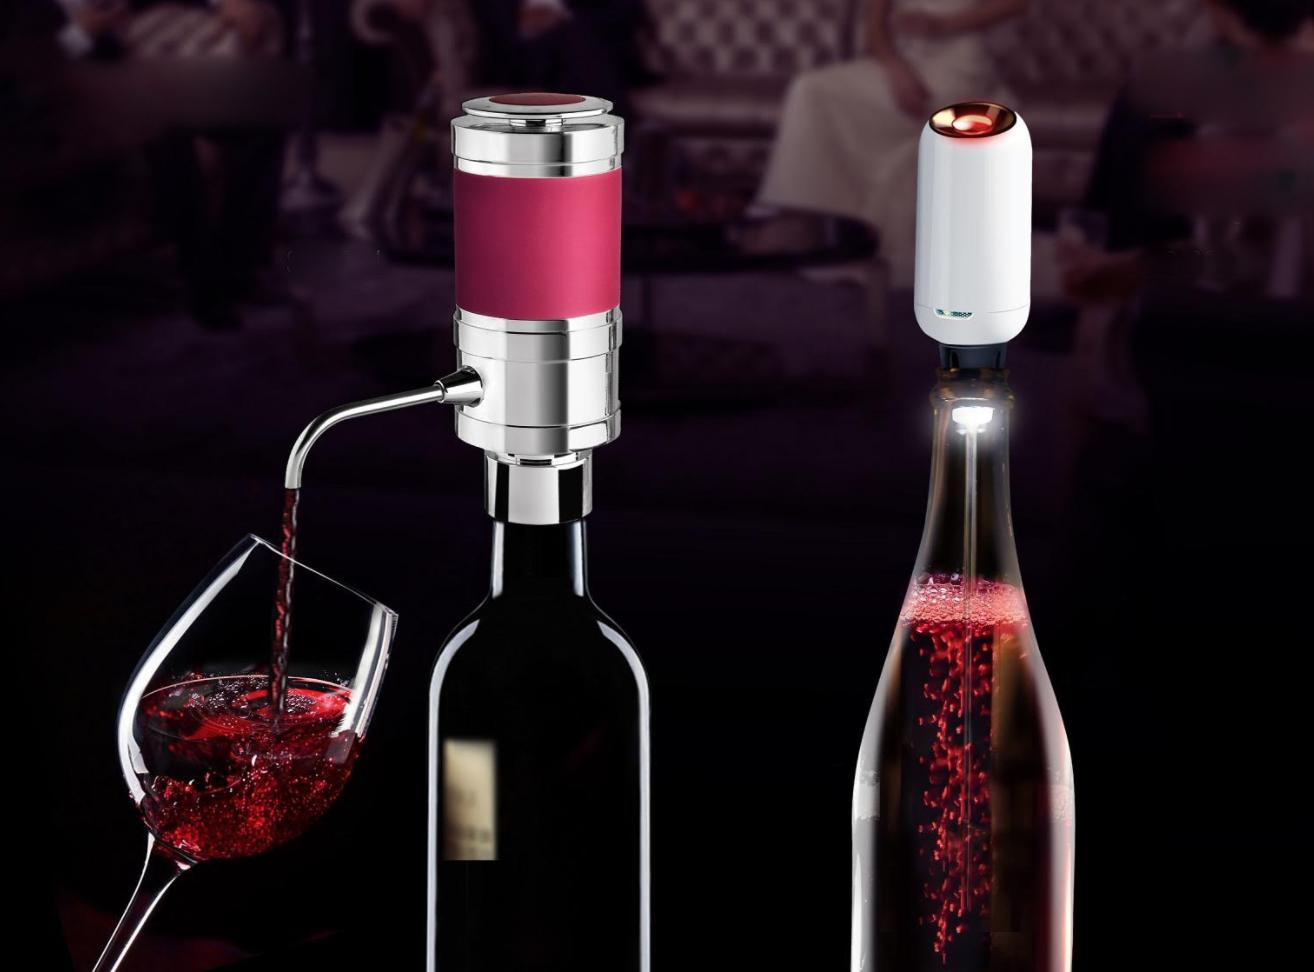 Unique Wine Marketing Gift Electric Wine Aerator